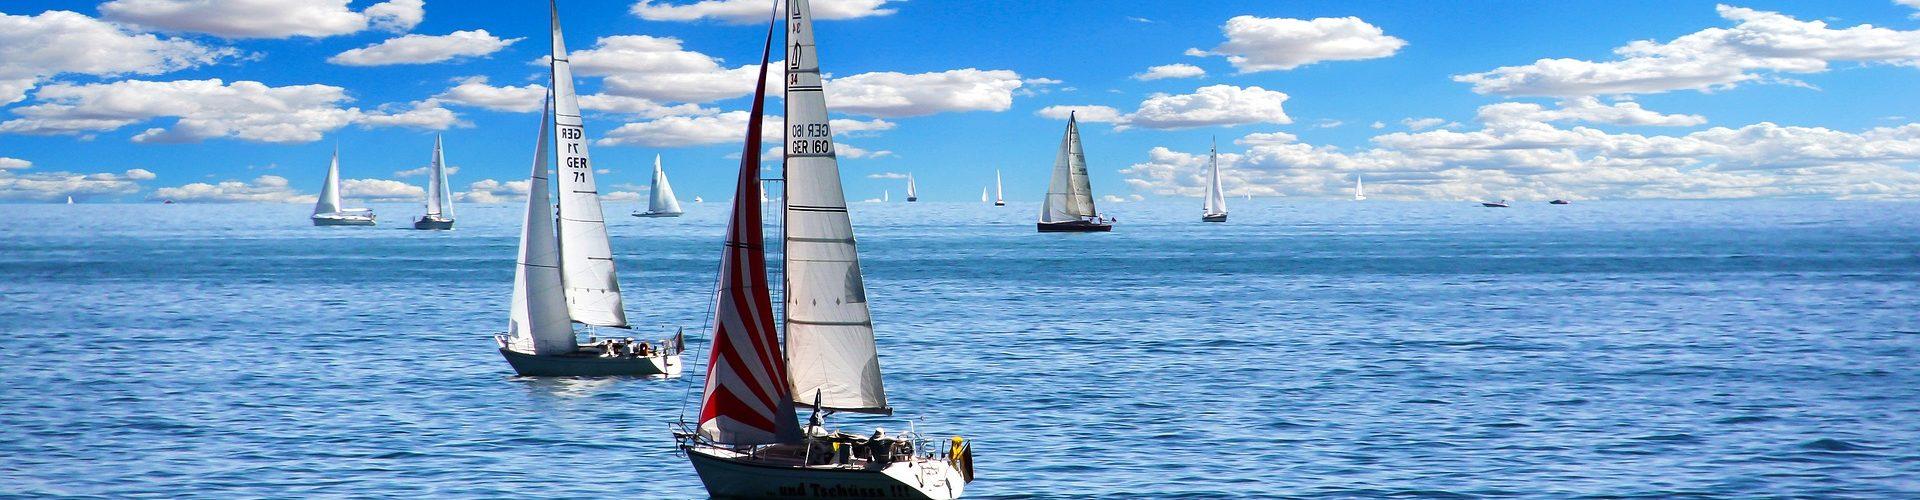 segeln lernen in Prien am Chiemsee segelschein machen in Prien am Chiemsee 1920x500 - Segeln lernen in Prien am Chiemsee